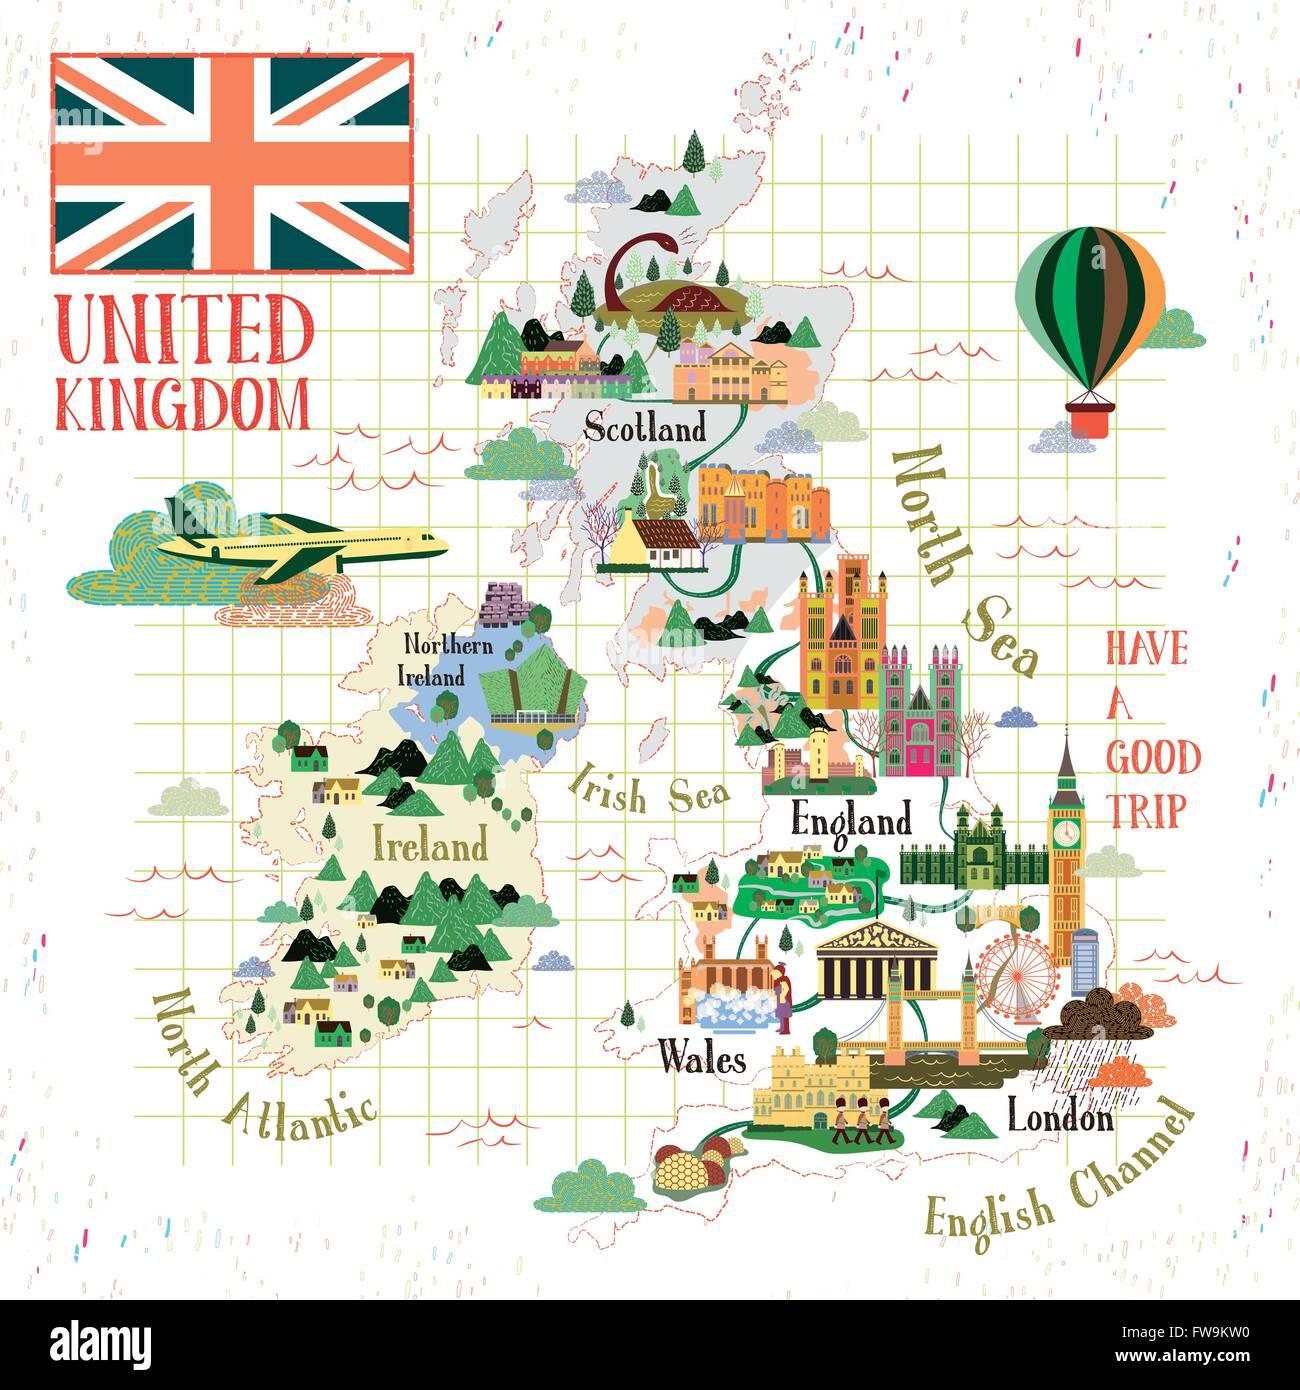 Sehenswürdigkeiten Großbritannien Karte.Schöne Großbritannien Reise Karte Mit Sehenswürdigkeiten Vektor